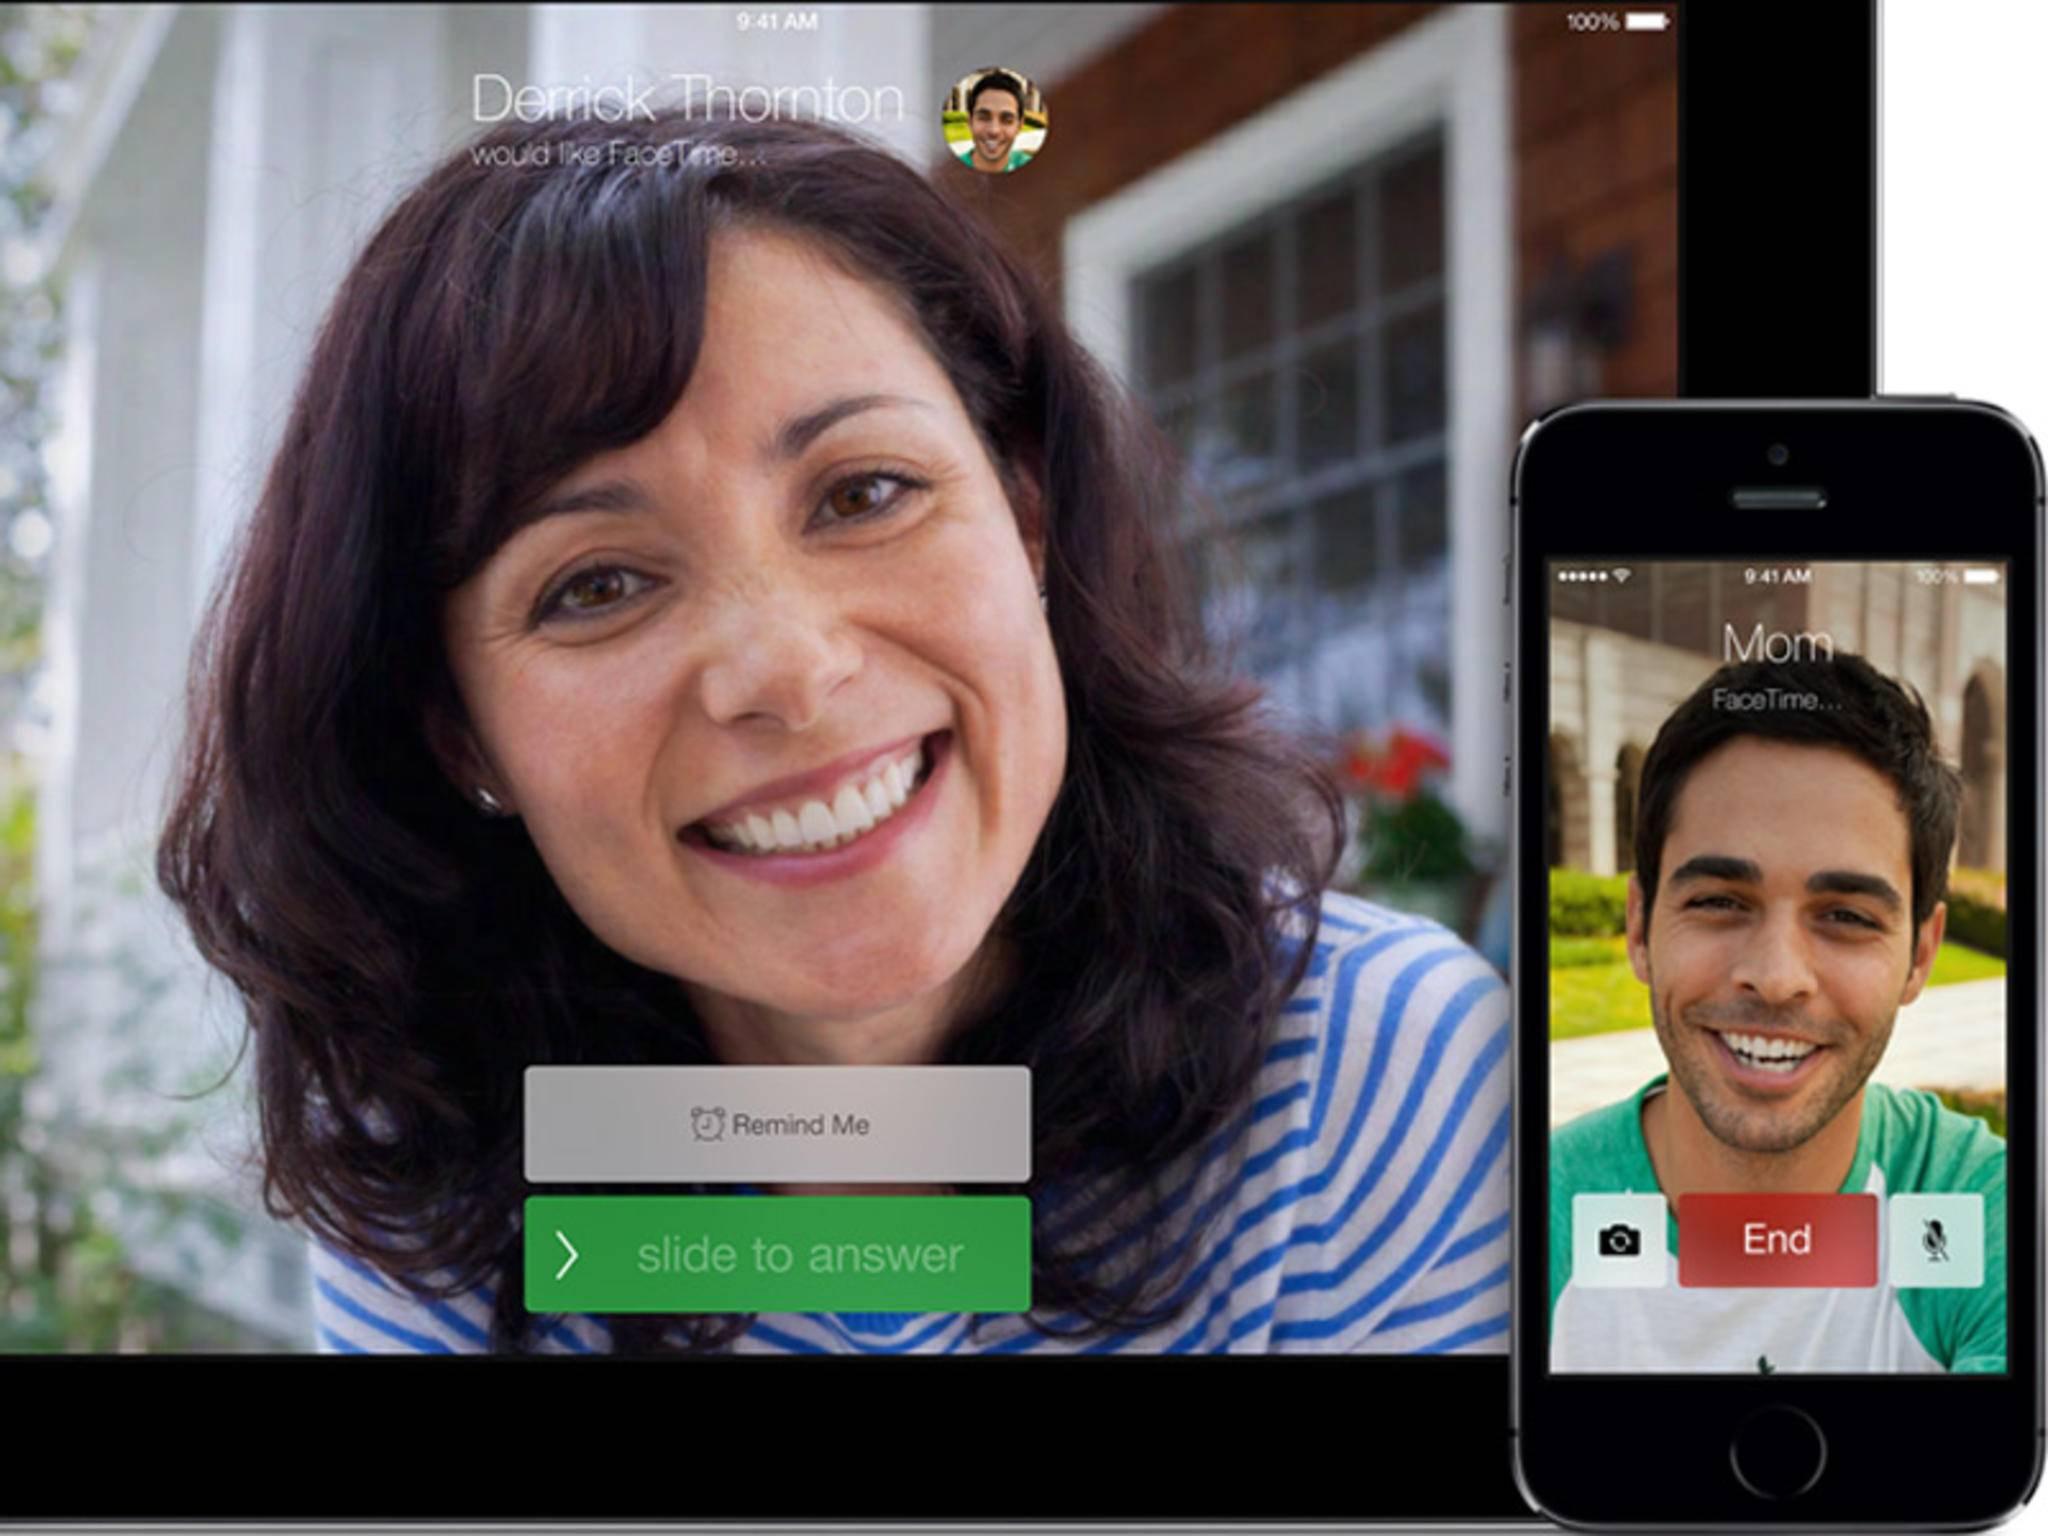 Wegen Facetime muss Apple jetzt mehr als 300 Millionen US-Dollar zahlen.